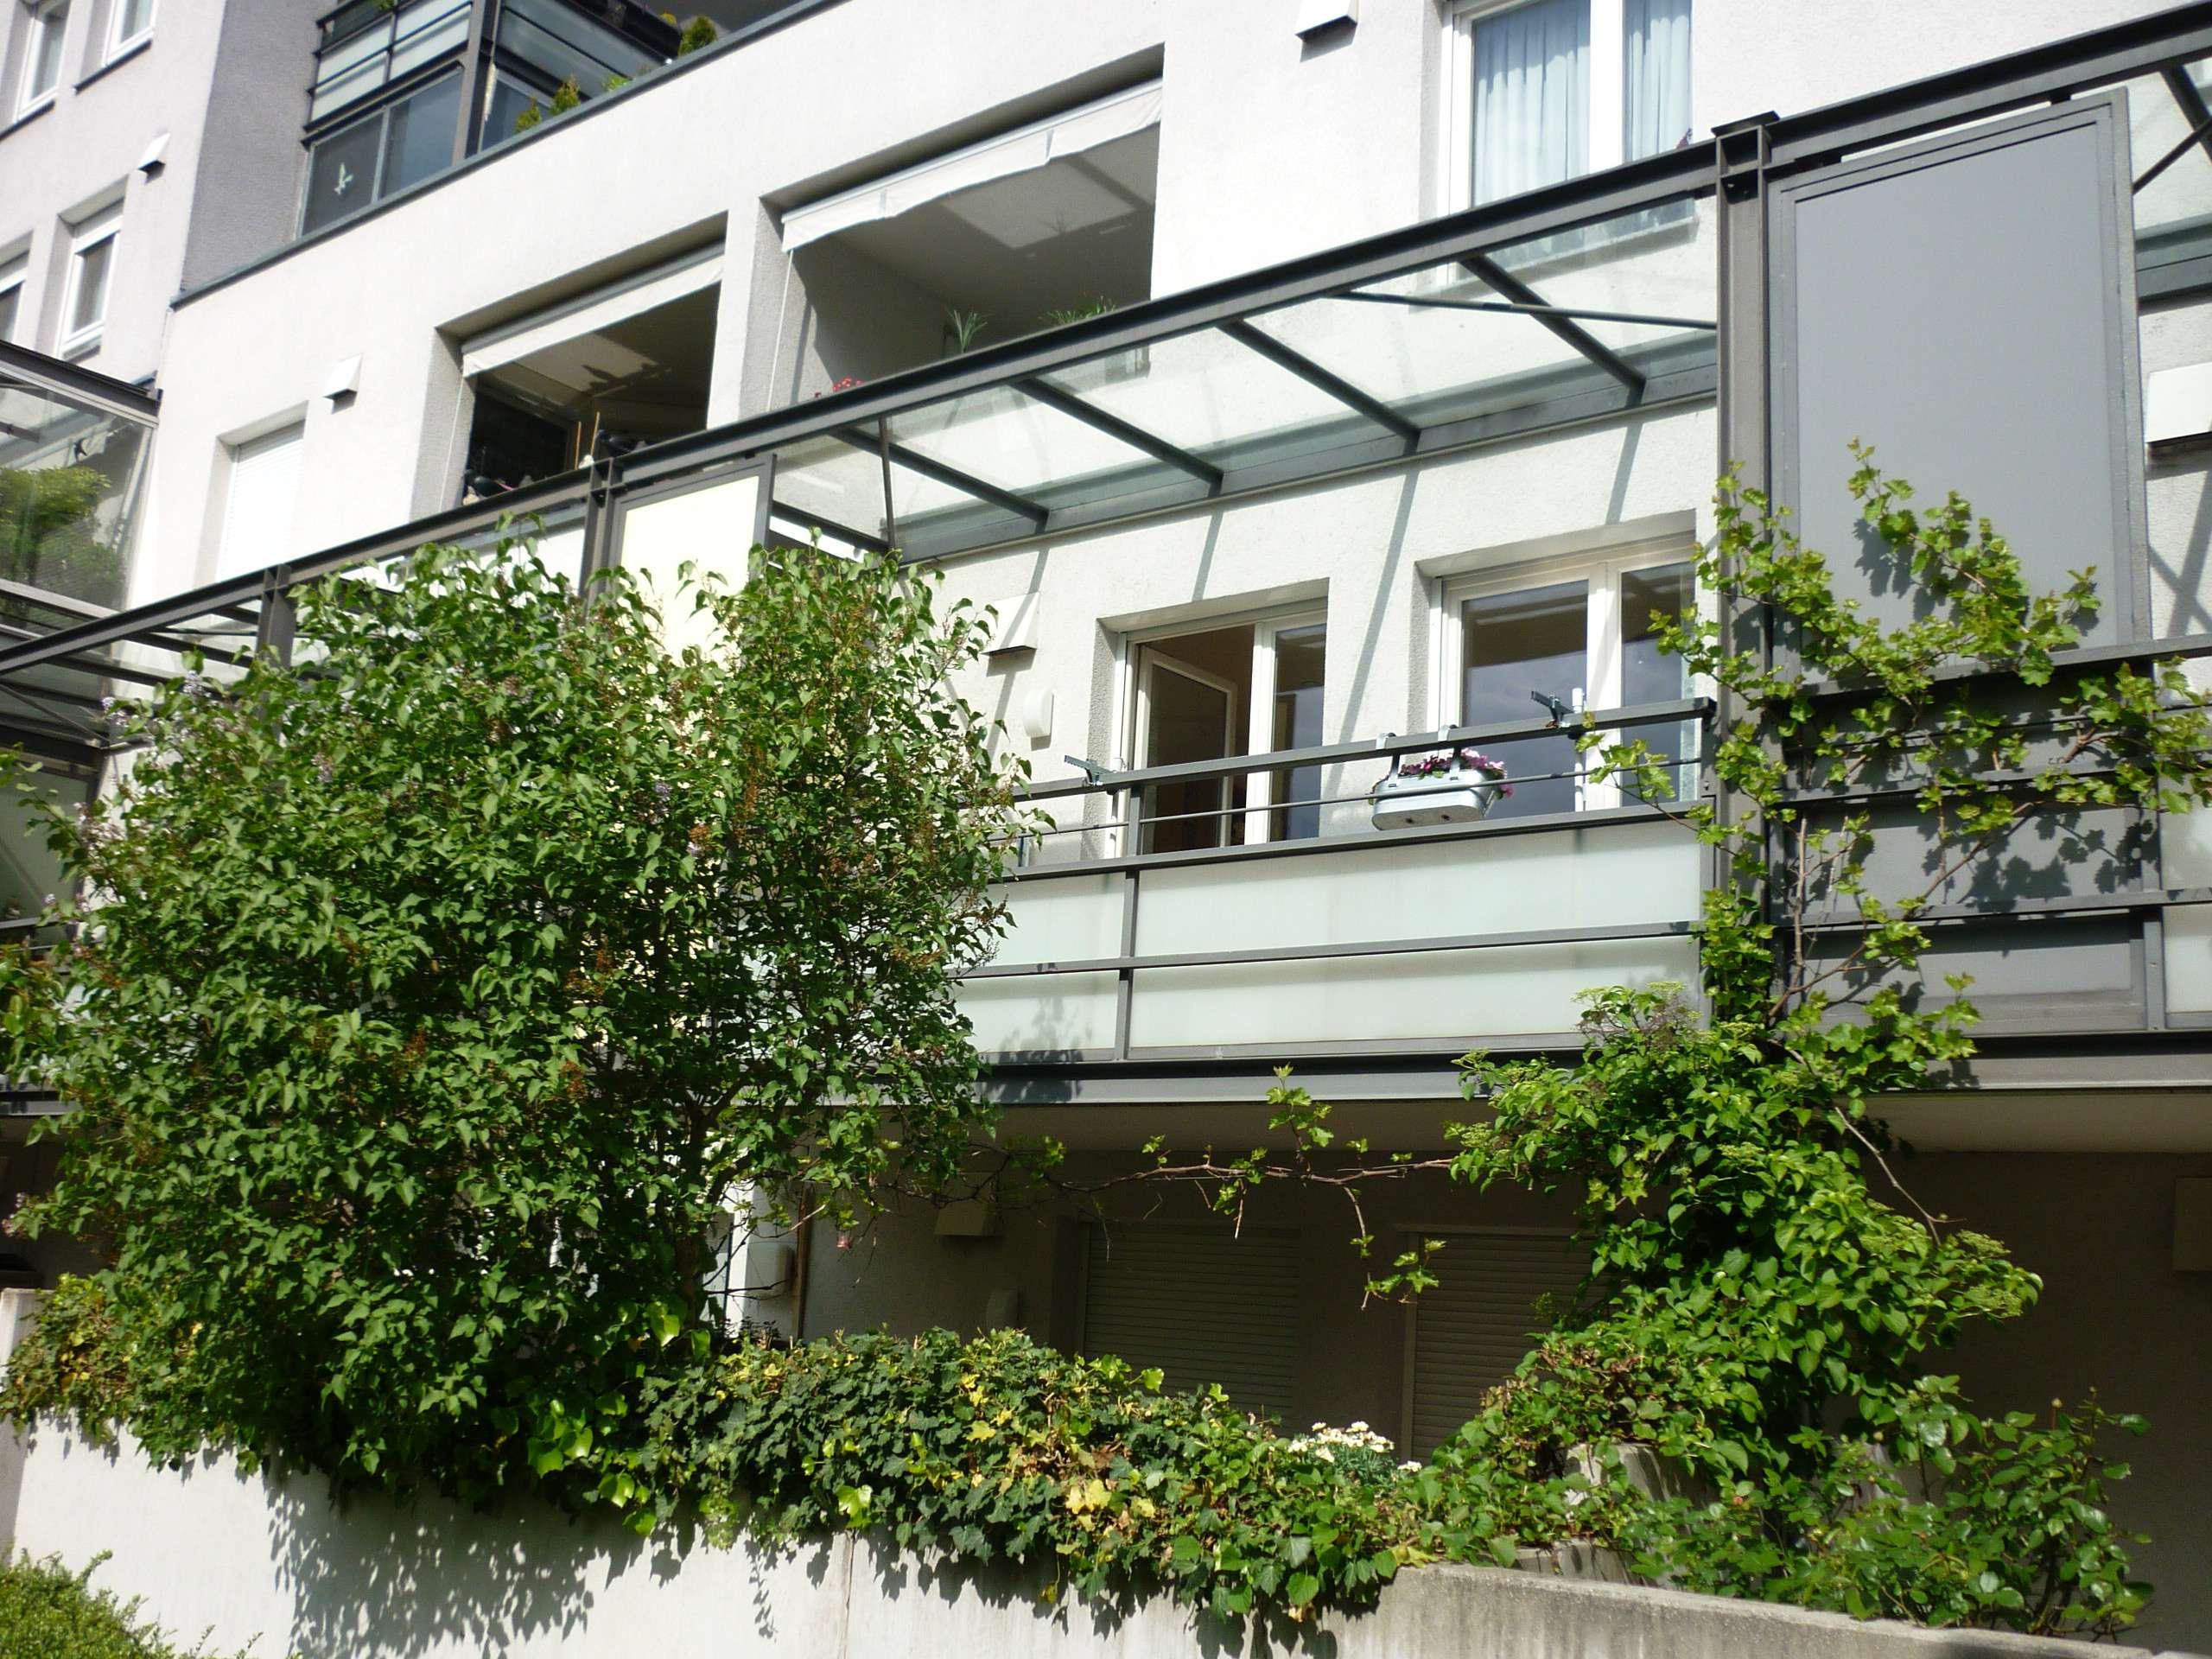 Provisionsfrei - Stilvolle, gepflegte 2-Zimmer-Wohnung mit Balkon und Einbauküche Am Hart, München